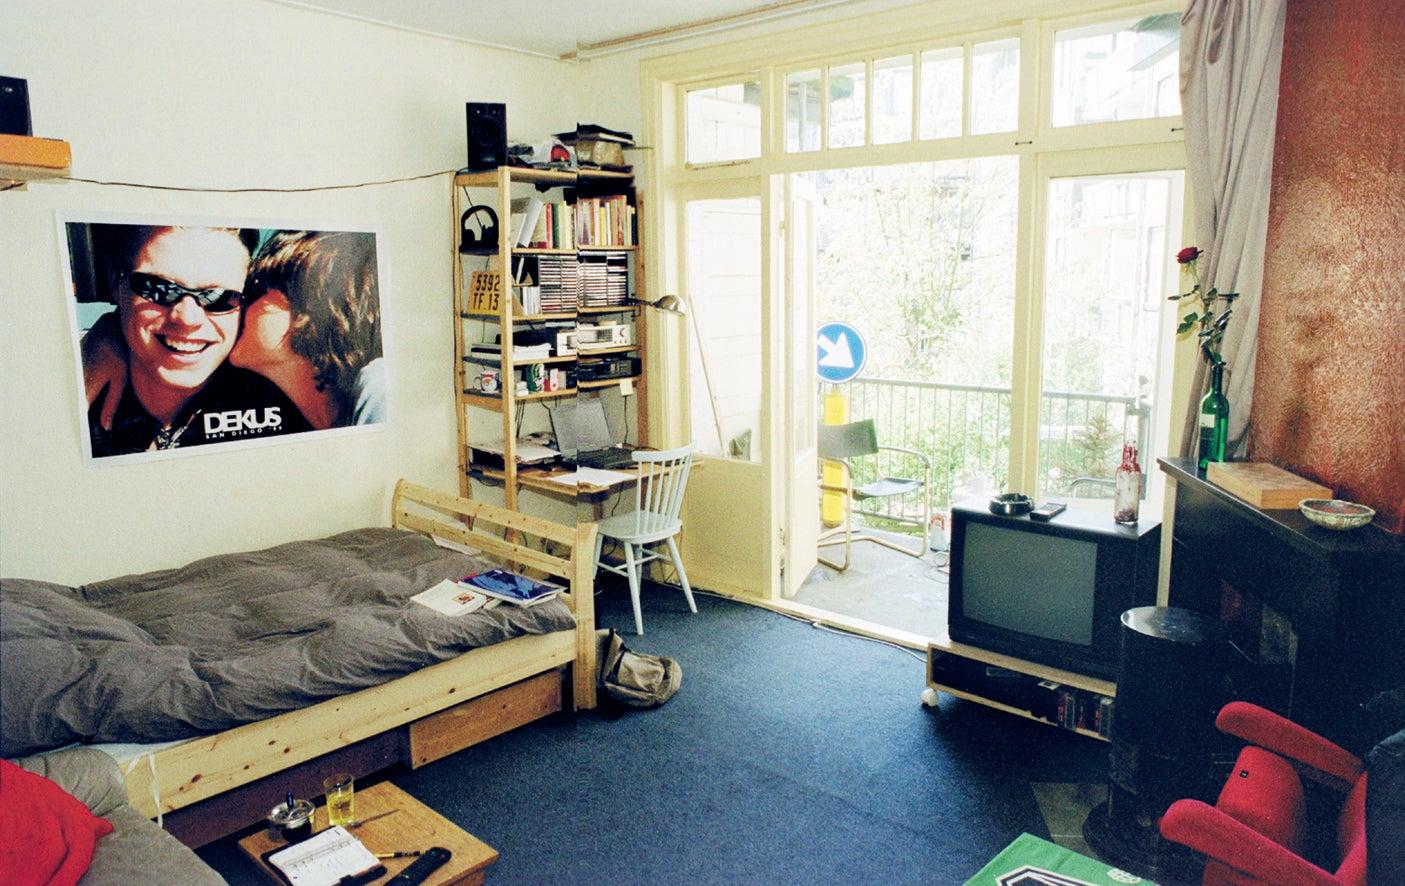 'Wij wonen in een raar huis' oude kamer